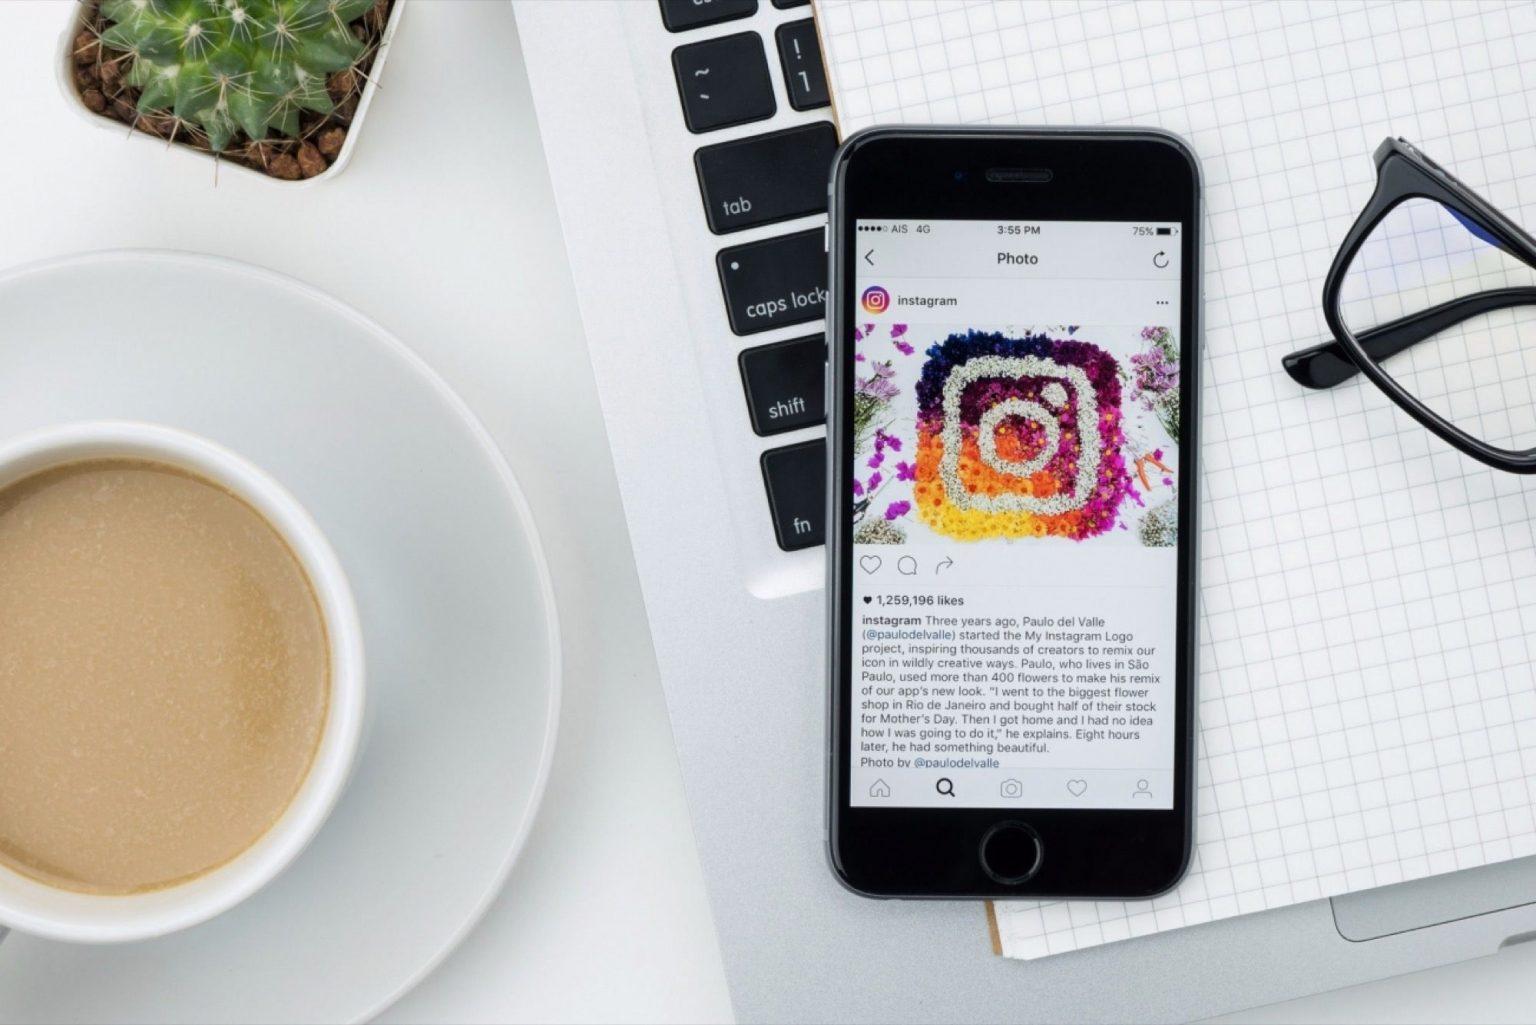 Как настроить таргетированную рекламу в инстаграм: пошаговая инструкция